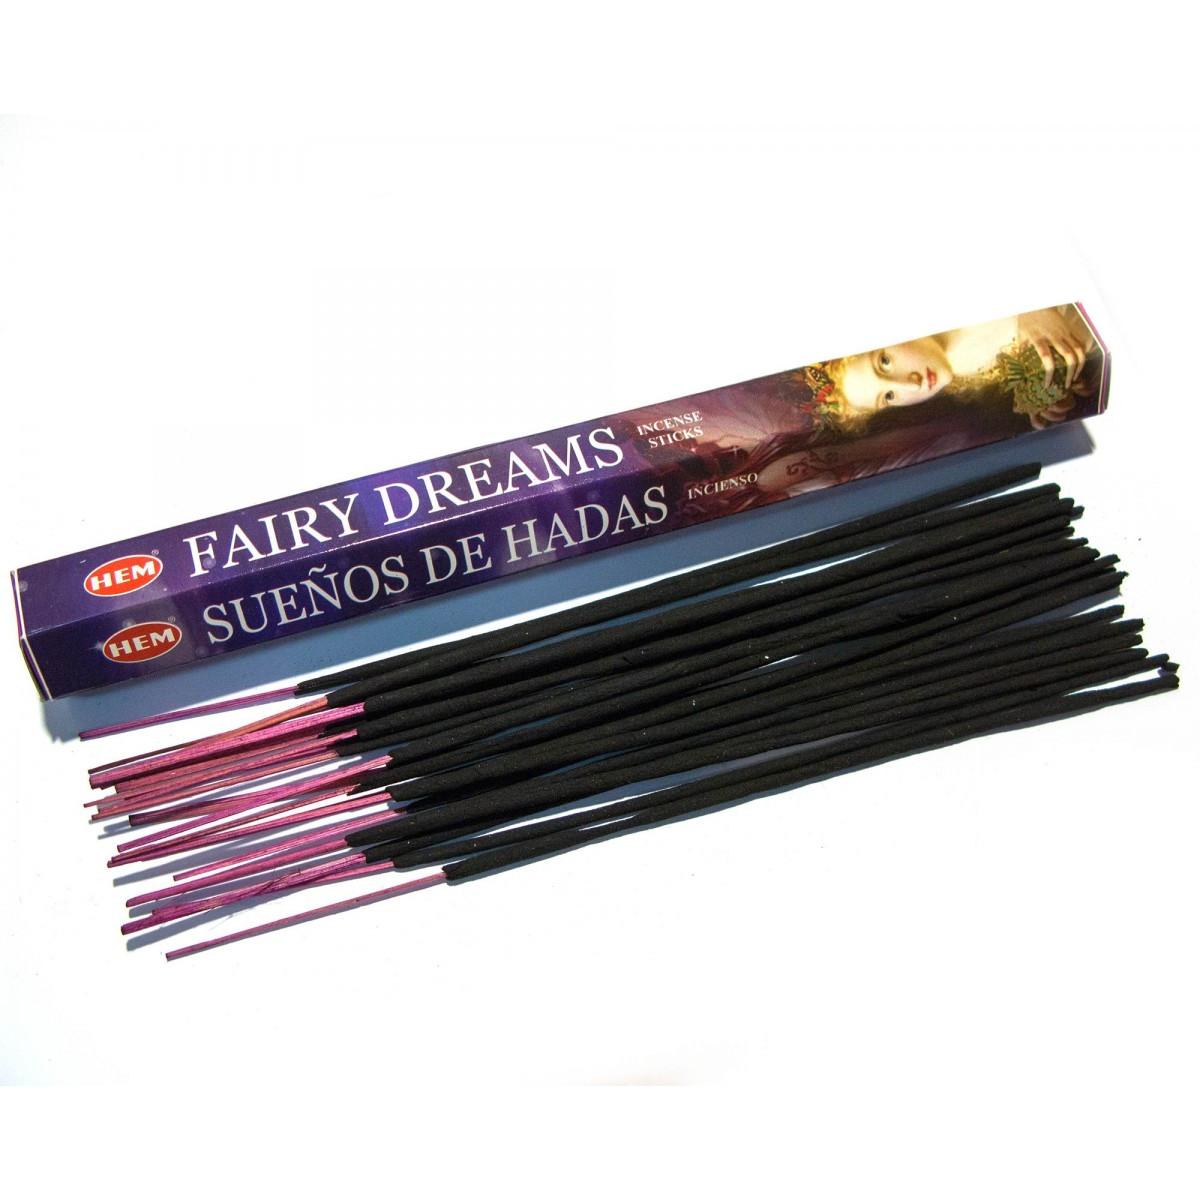 Fairy Dreams (Сказочные сны)(Hem)(6/уп) шестигранник